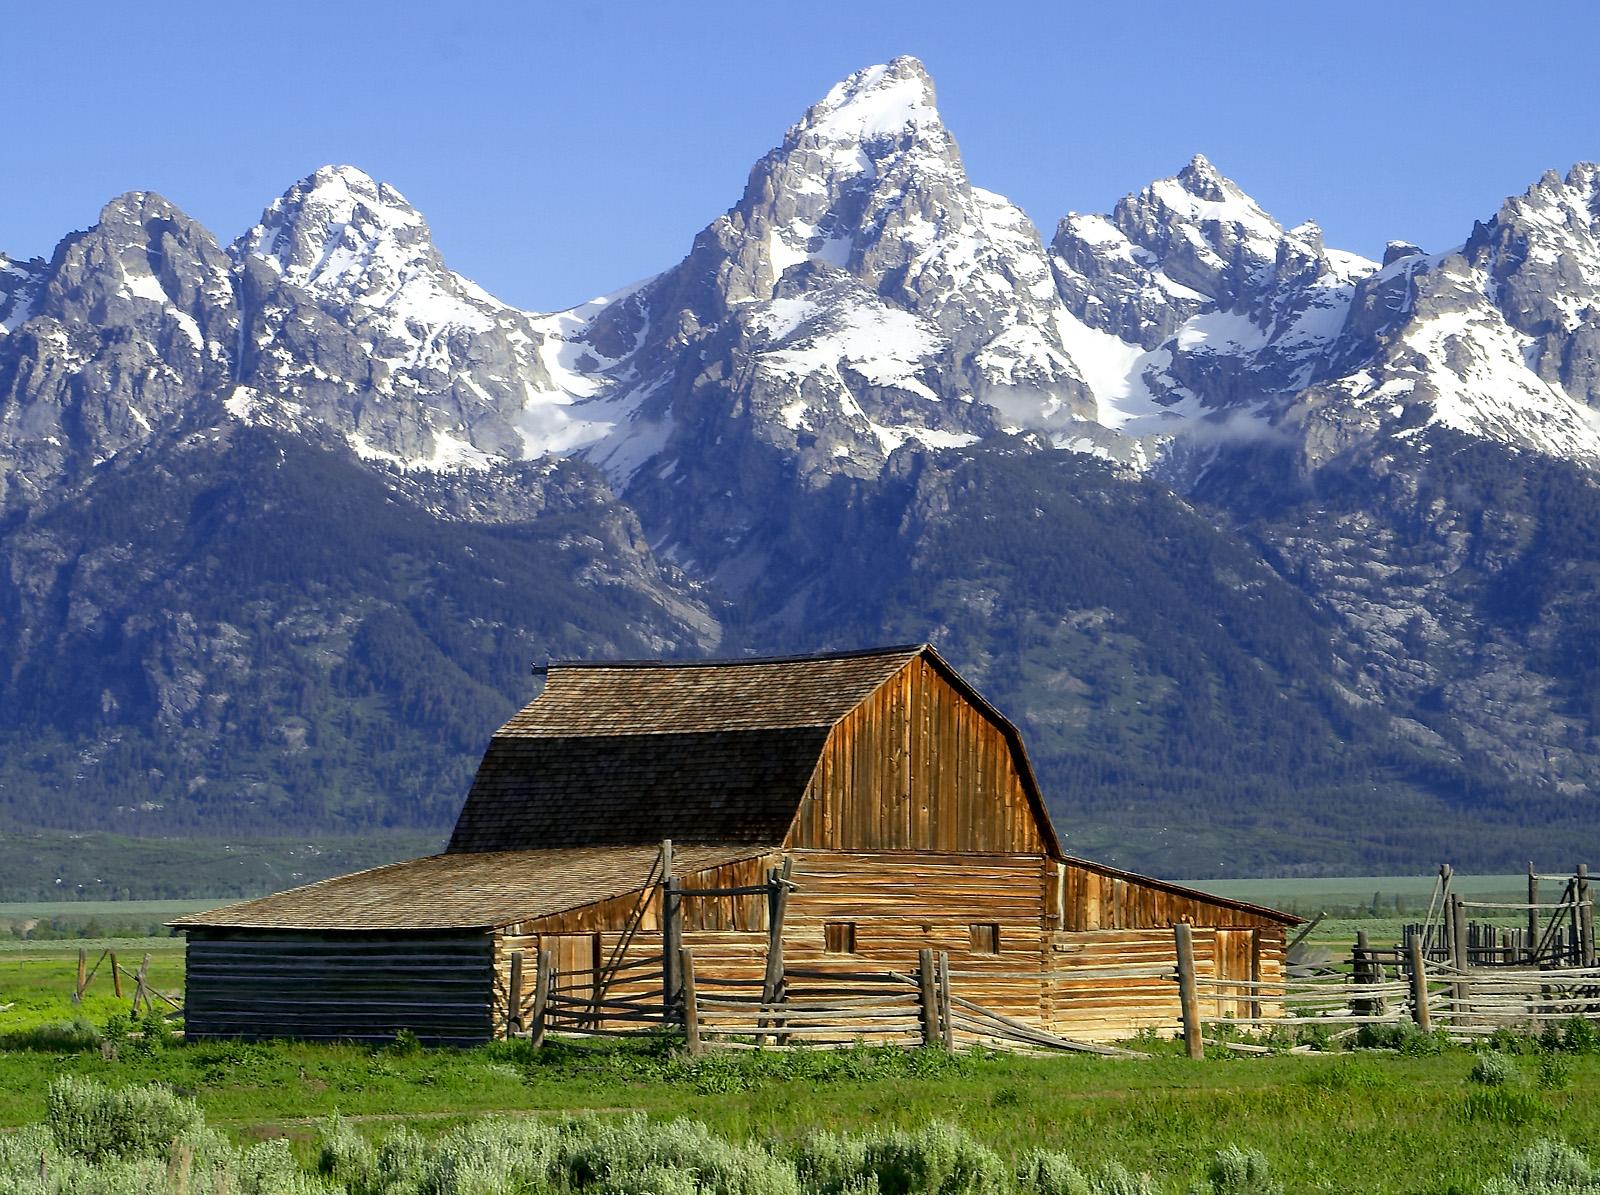 ภูเขาร็อกกี้ อเมริกา